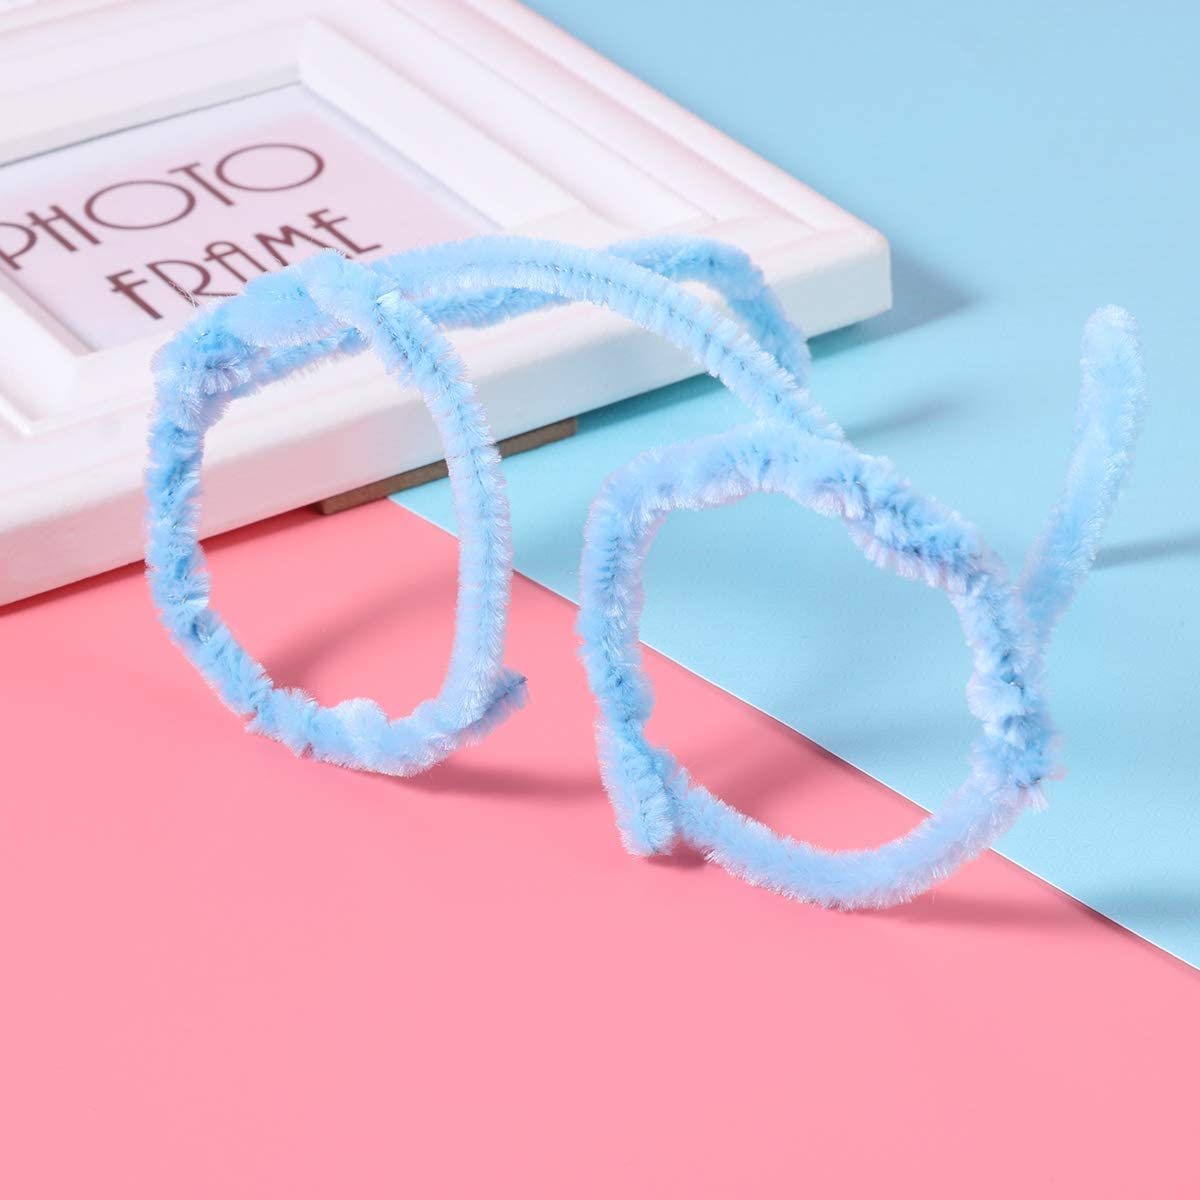 30/cm souple au peluche pour les enfants pour bricolage et d/écoration ounona cure-pipes 150/morceau de fil chenille 6/mm